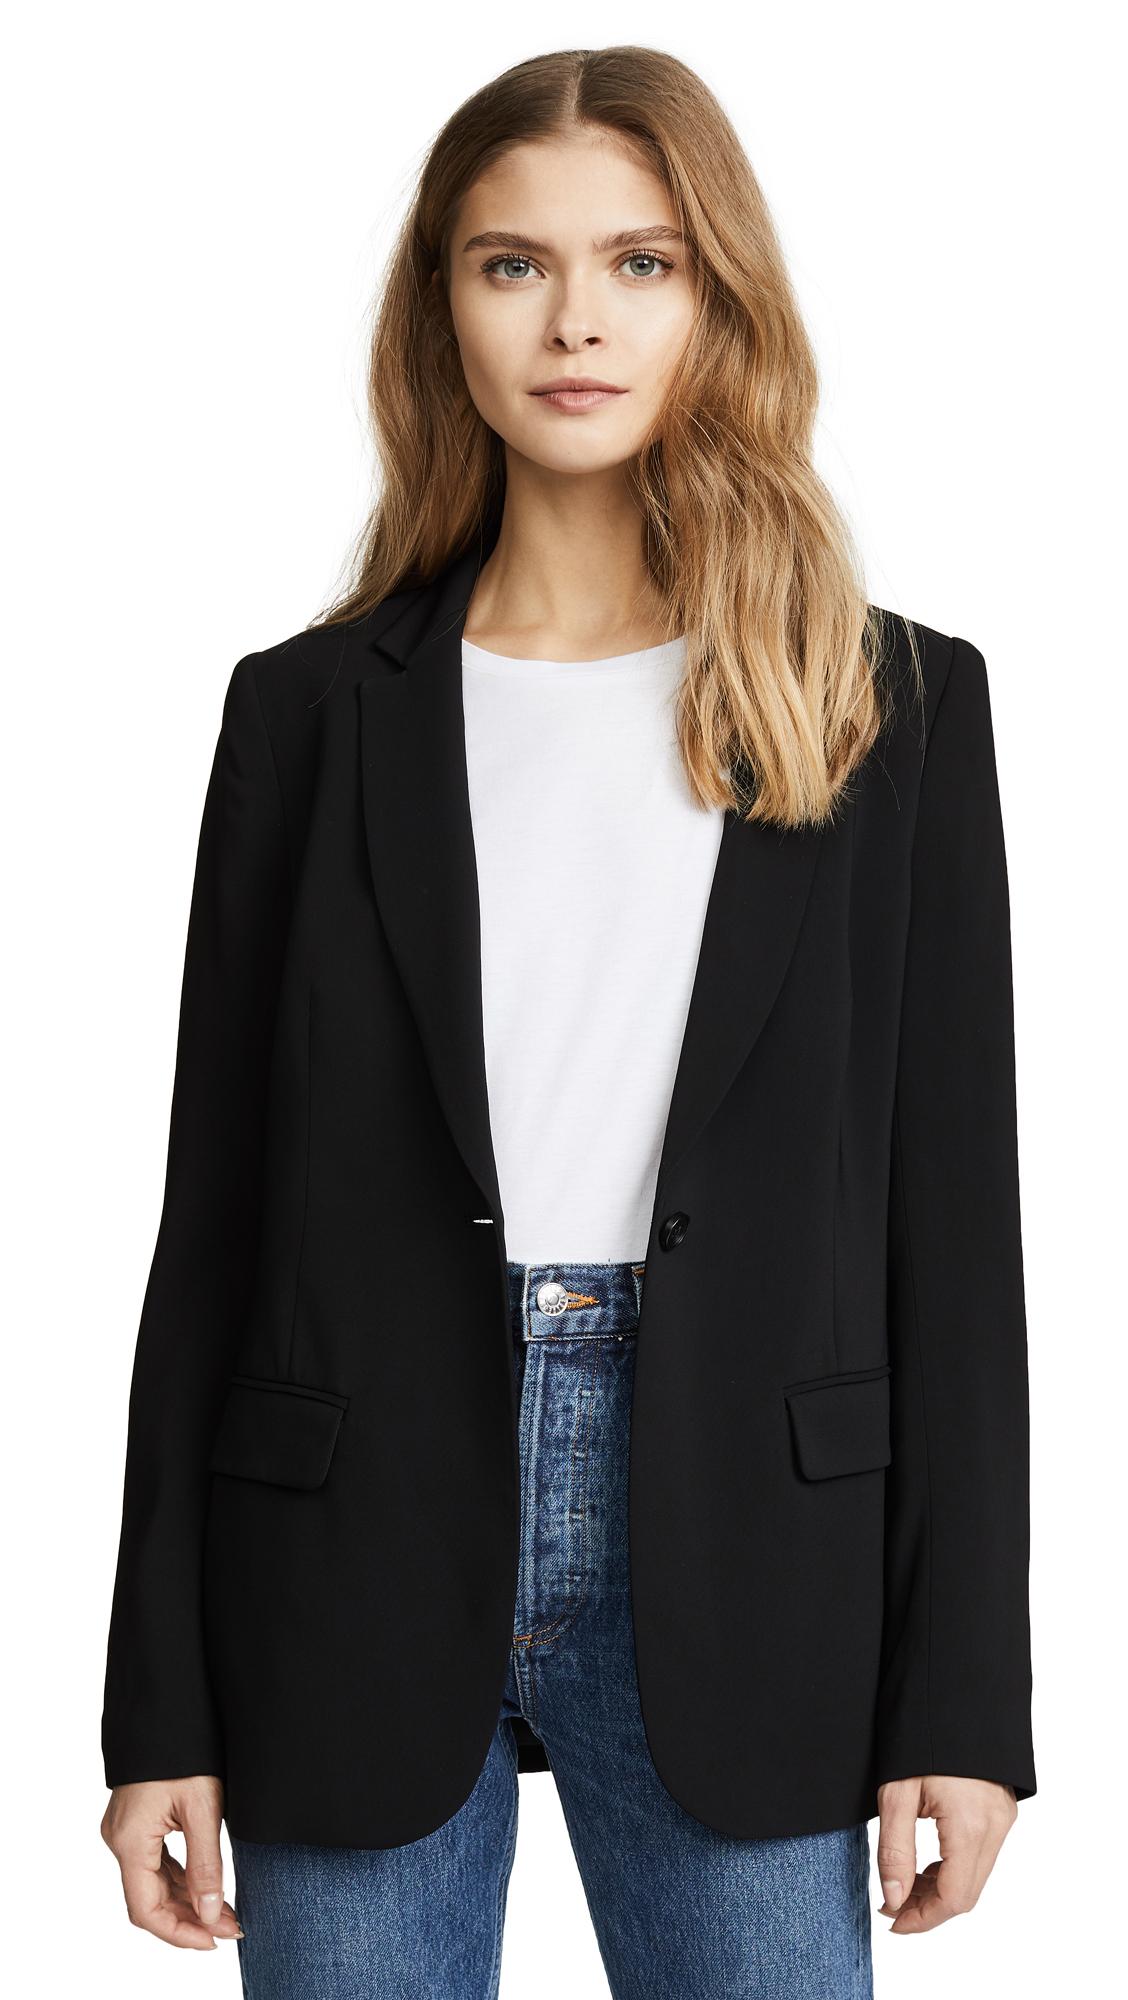 KOBI HALPERIN Misha One-Button Jacket in Black